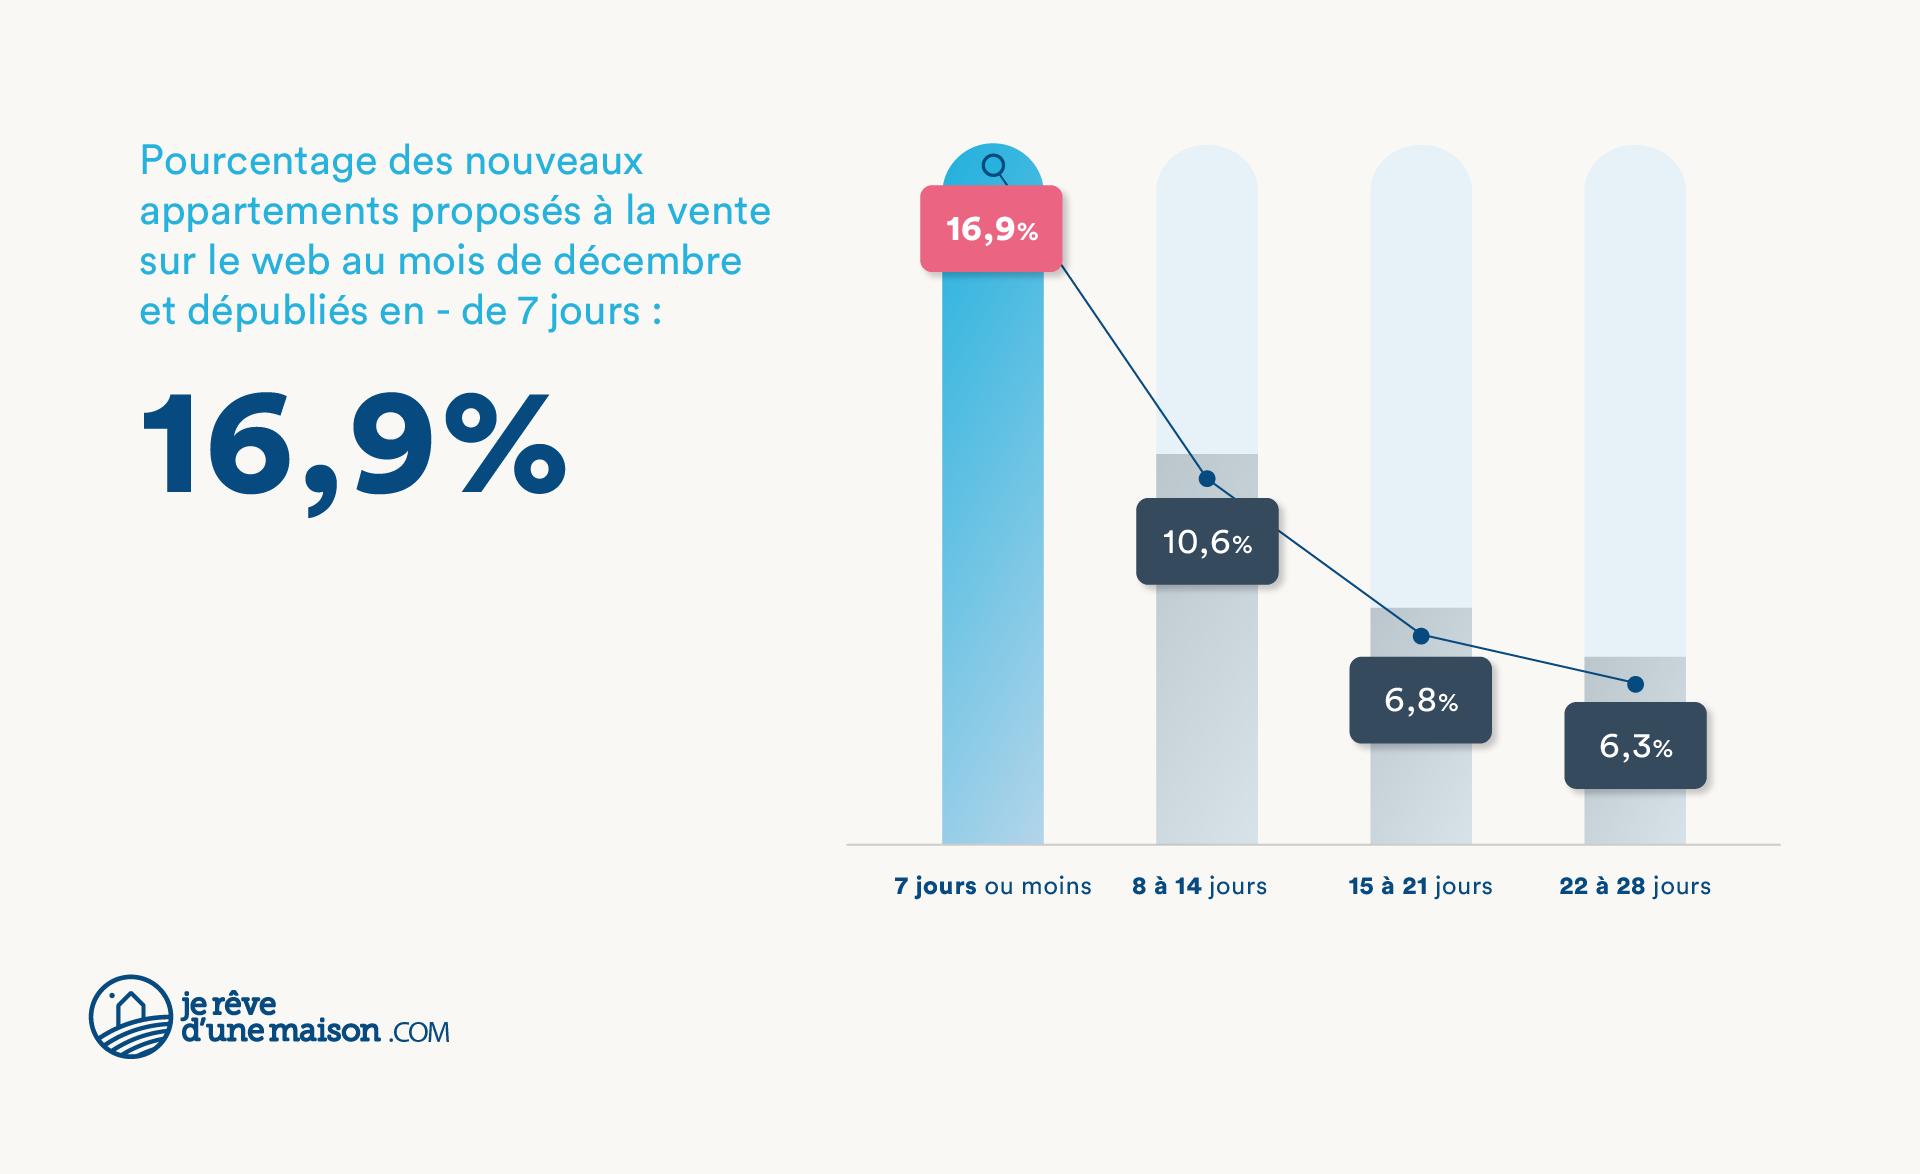 Pourcentage des nouveaux appartements proposés à la vente sur le web au mois de décembre et dépubliés en moins de 7 jours